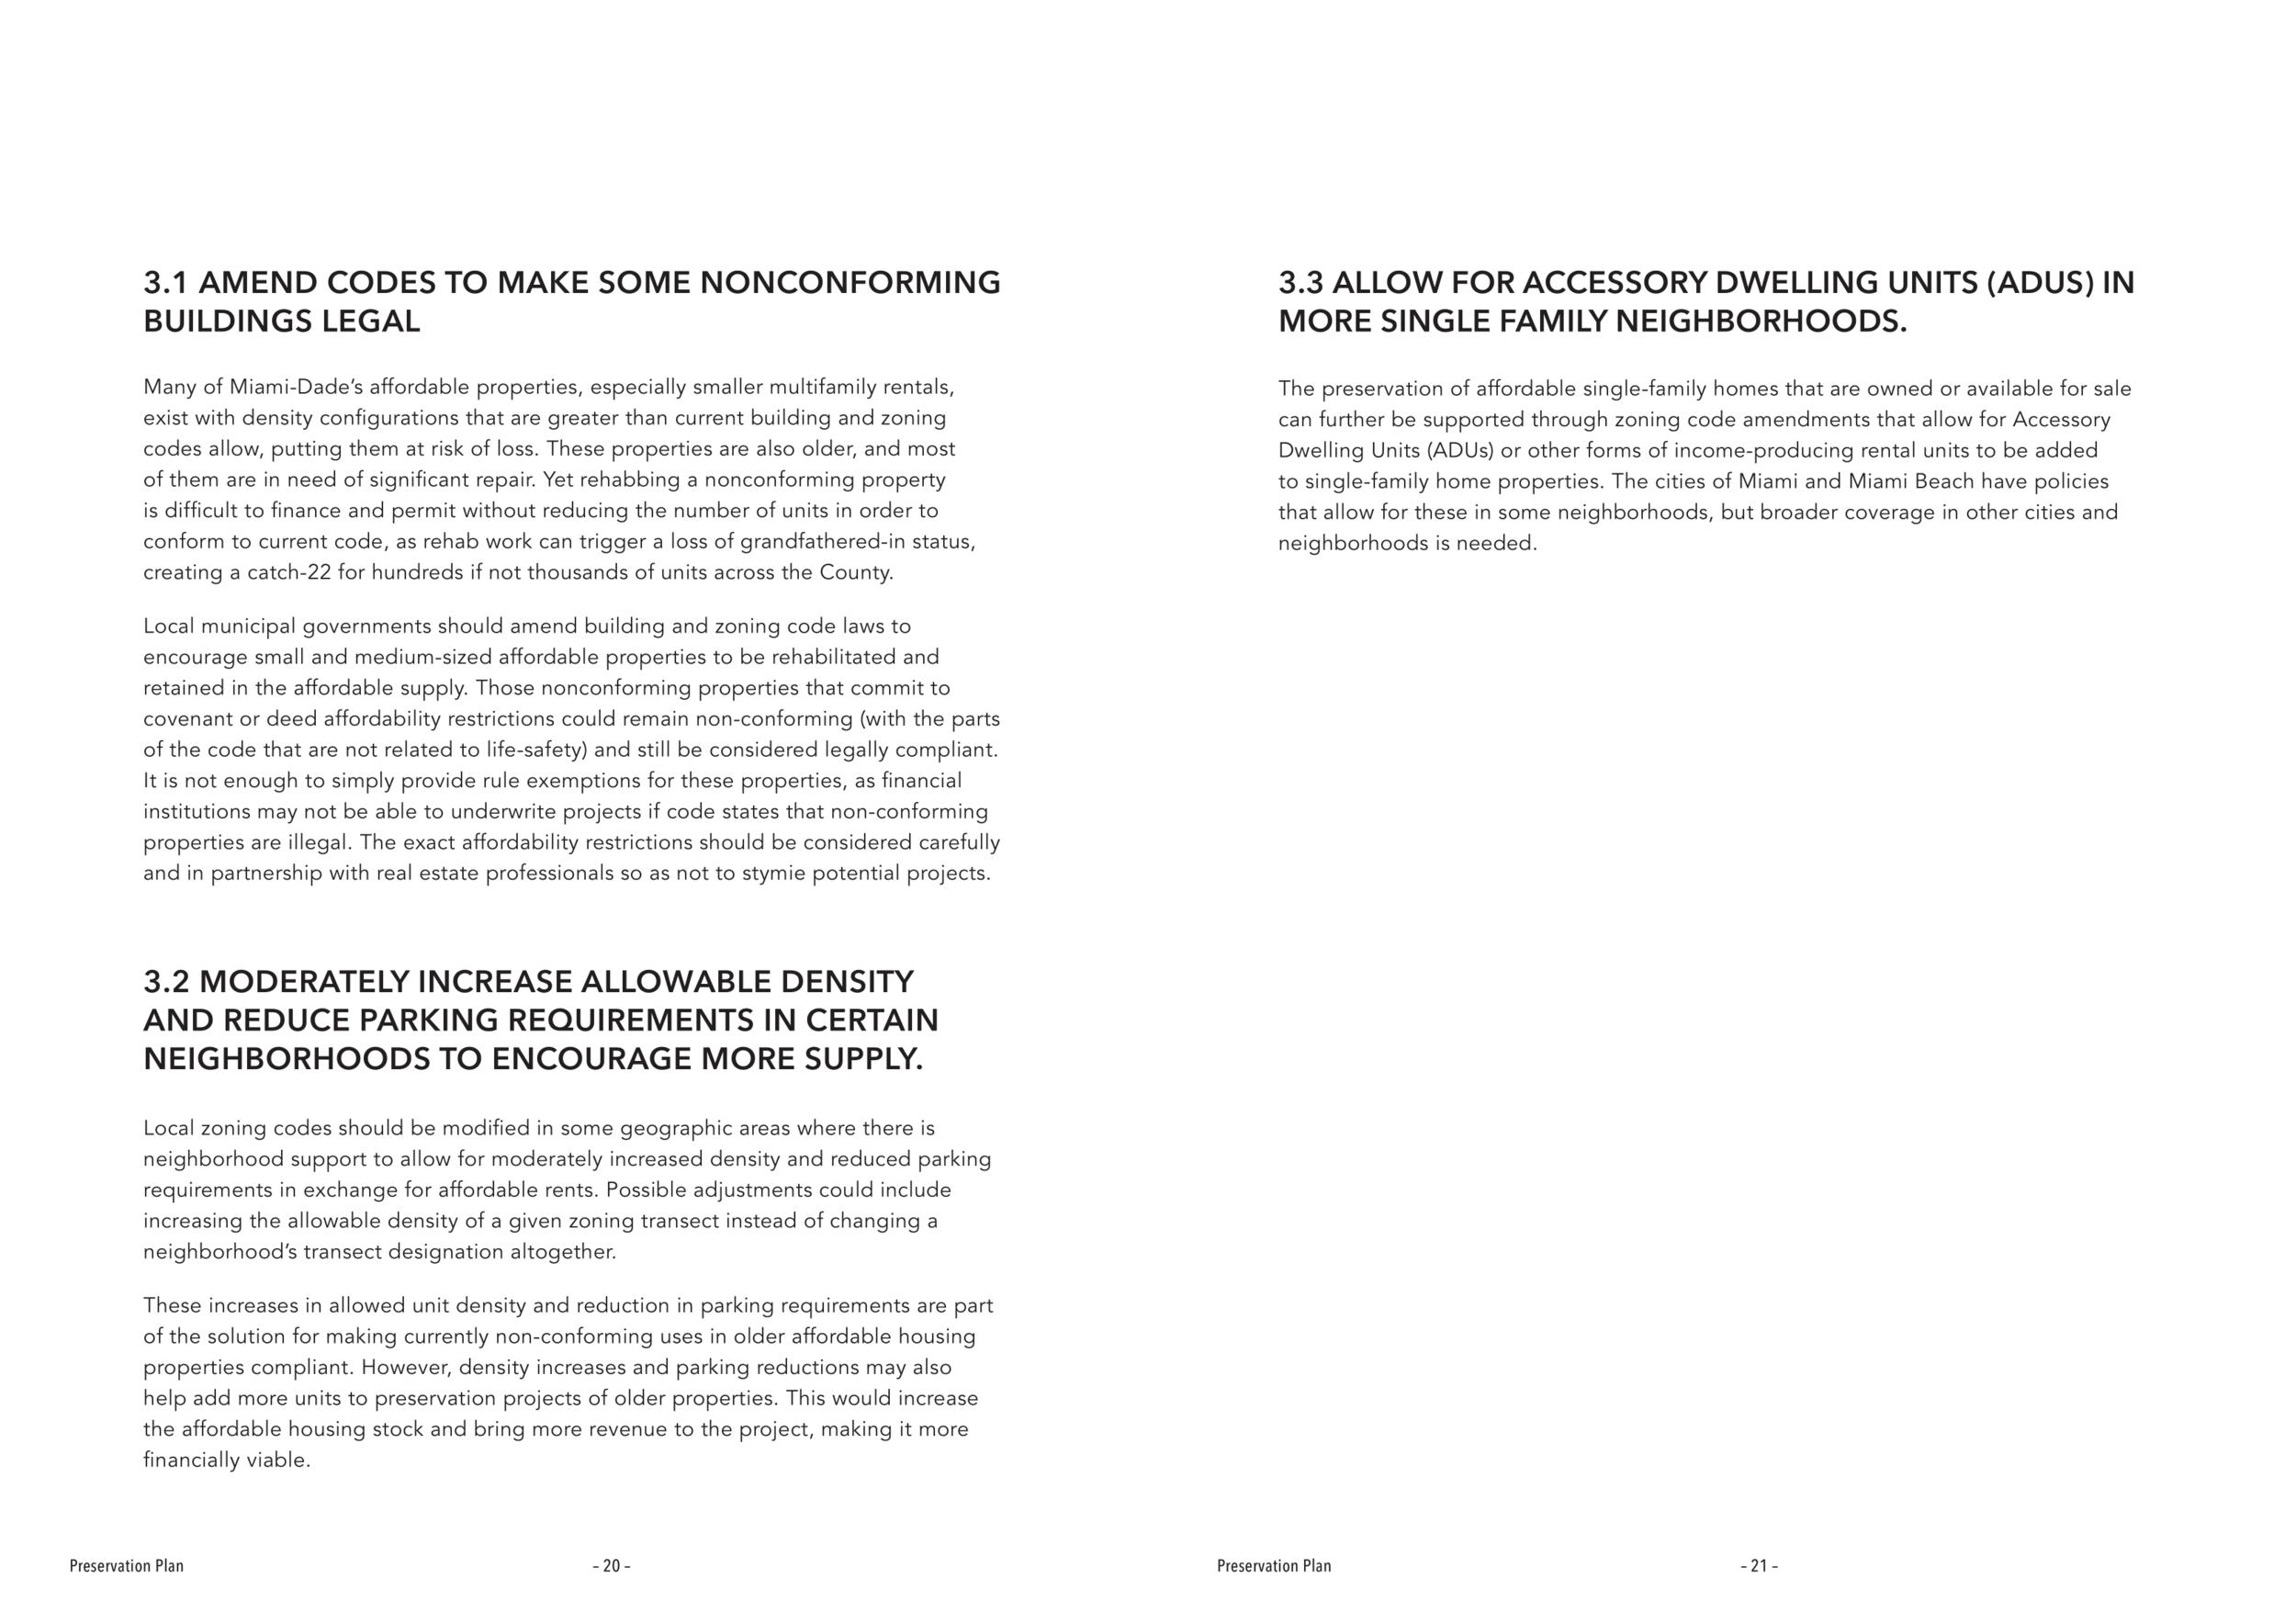 MDC Preservation Plan - June 2019-11.png